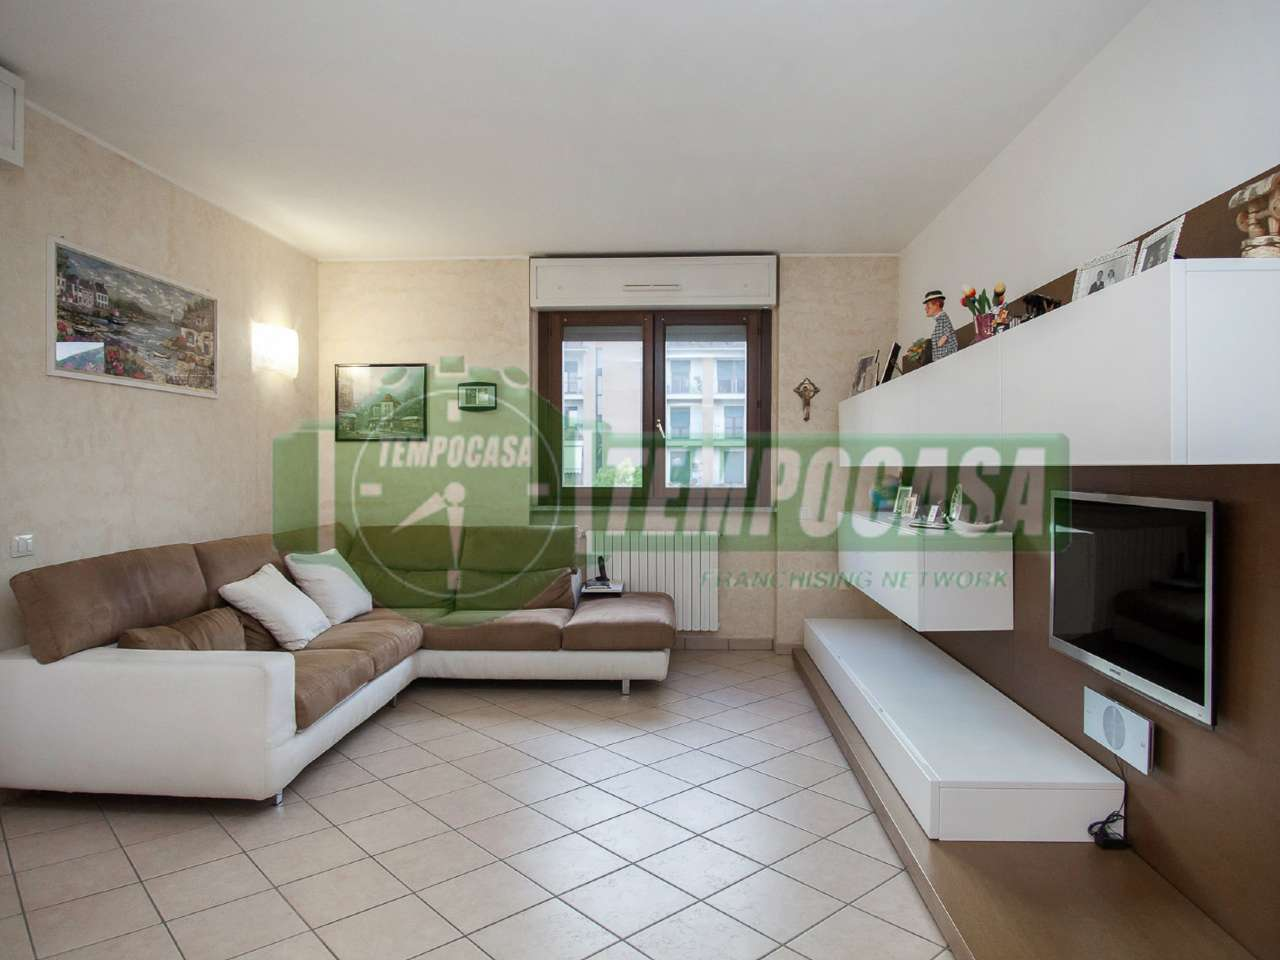 Appartamento in vendita a Settimo Milanese, 3 locali, prezzo € 250.000 | CambioCasa.it